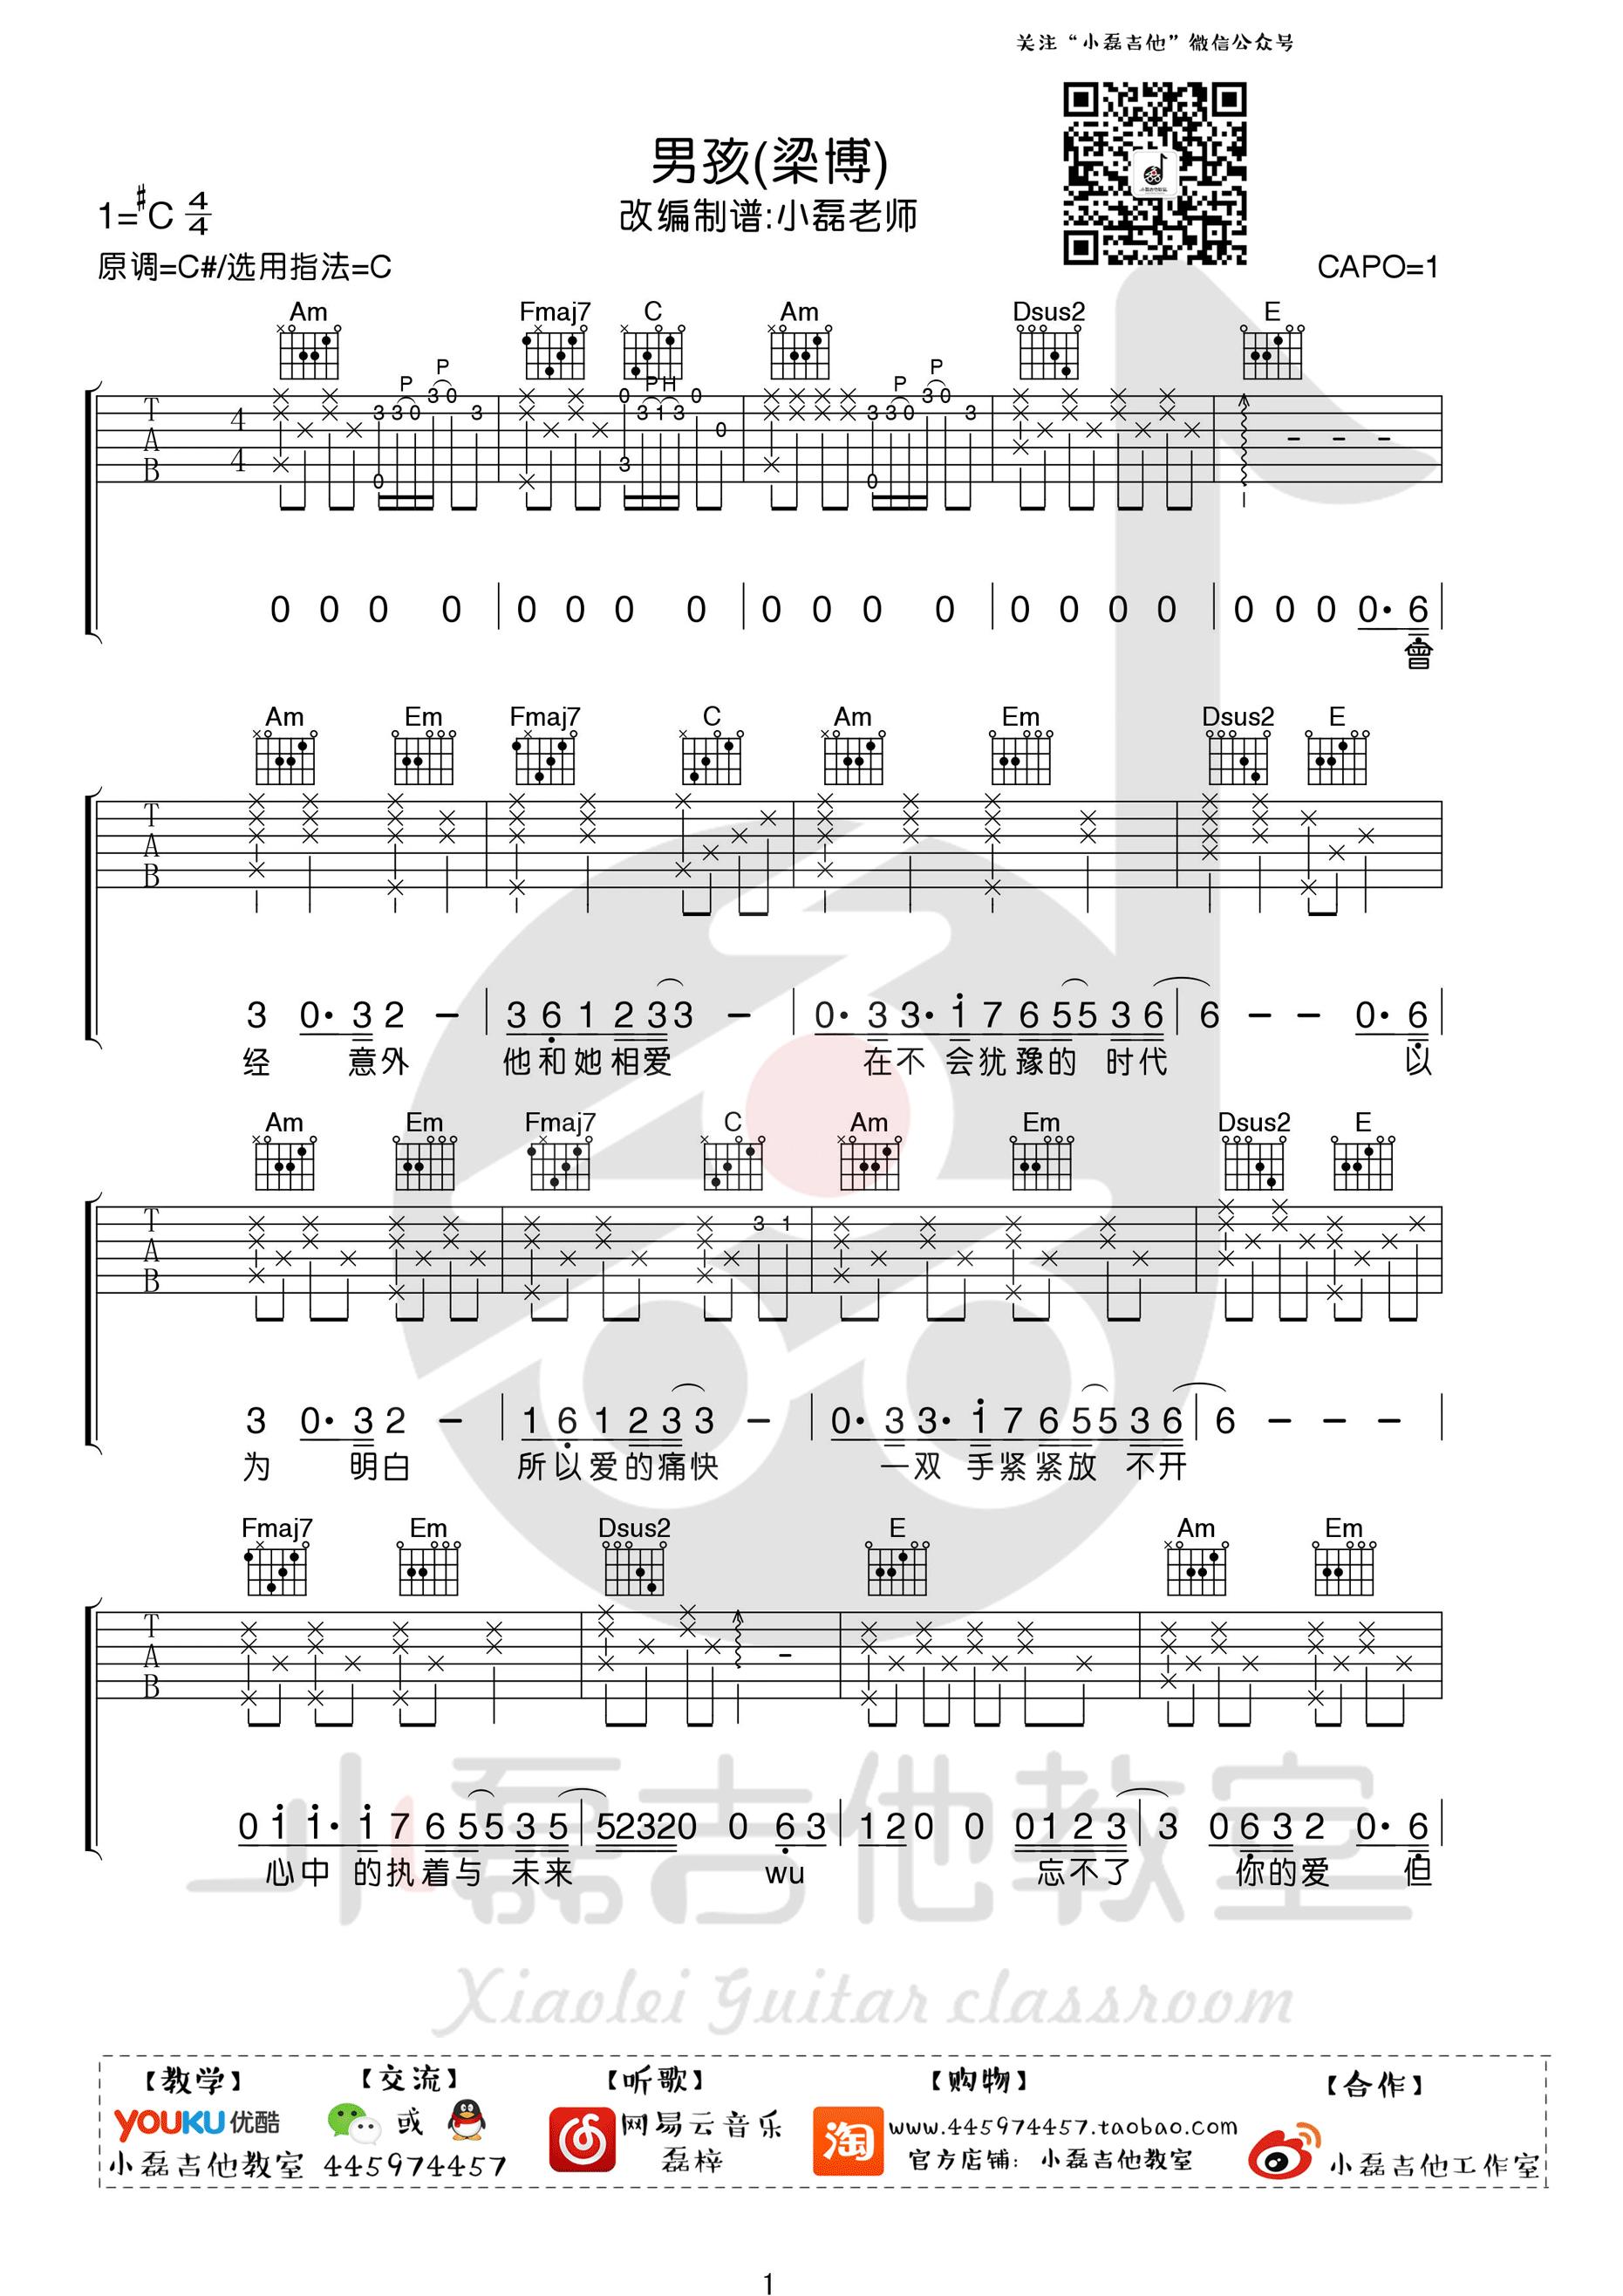 男孩(c调) - 梁博 - 吉他谱(小磊编配) - 嗨吉他